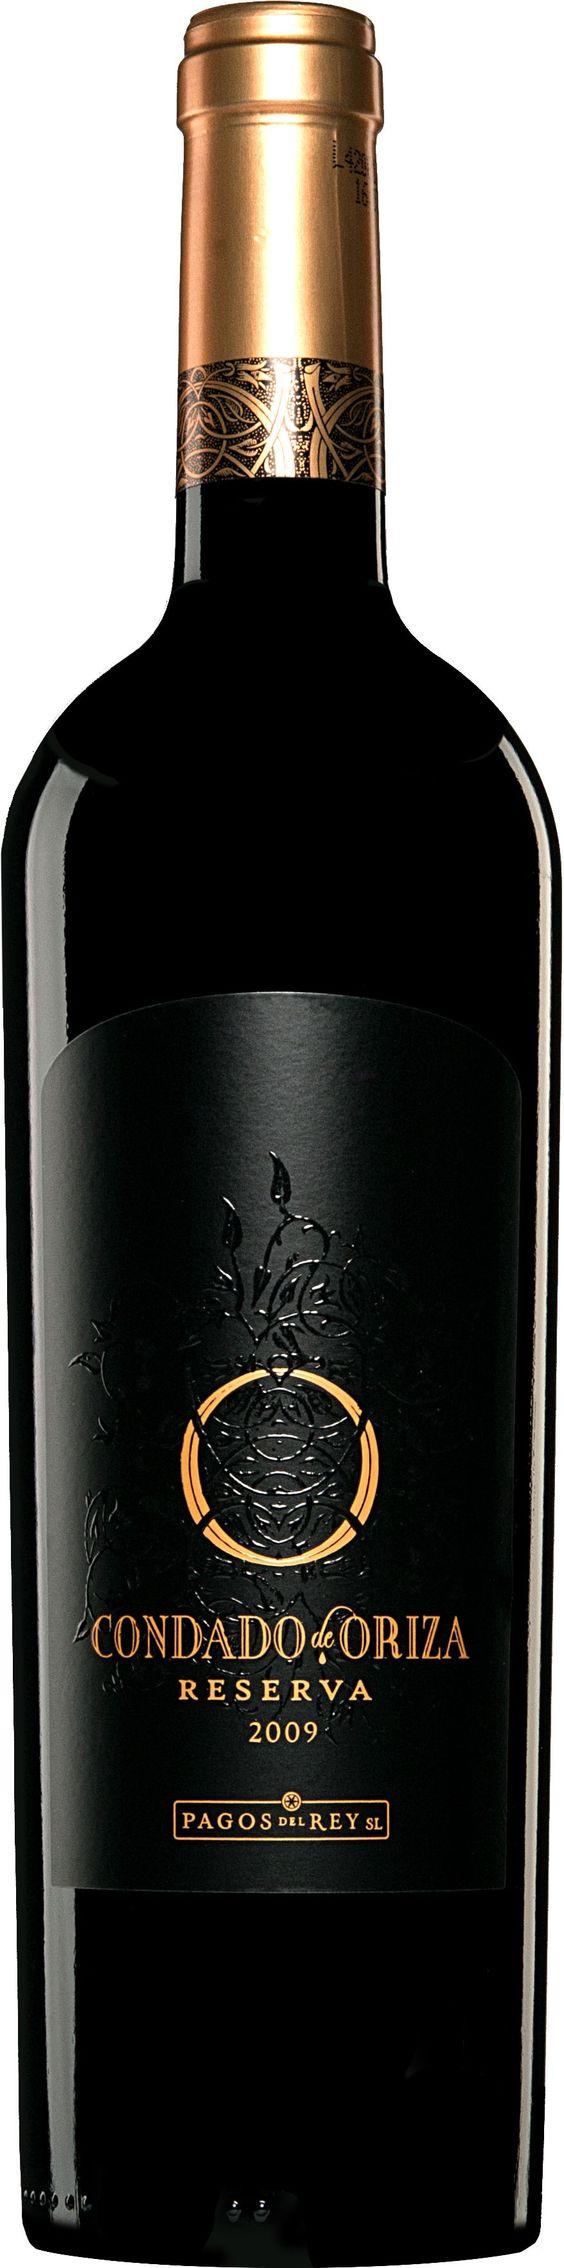 textures wine label